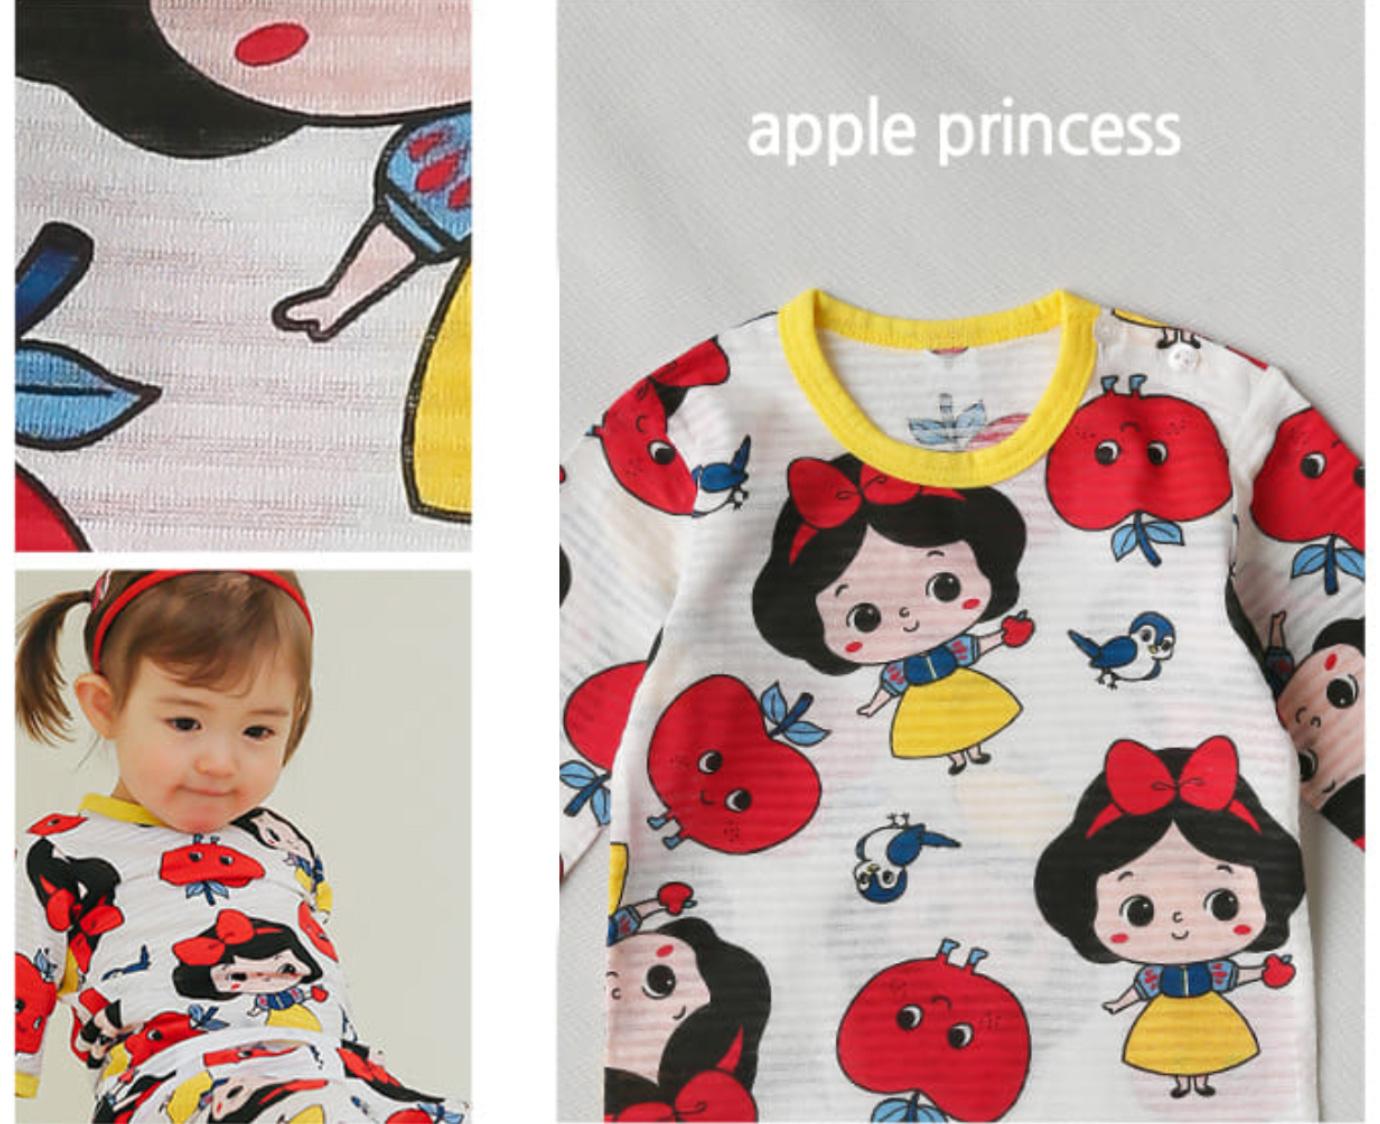 Pyjama 'Apple Princess'